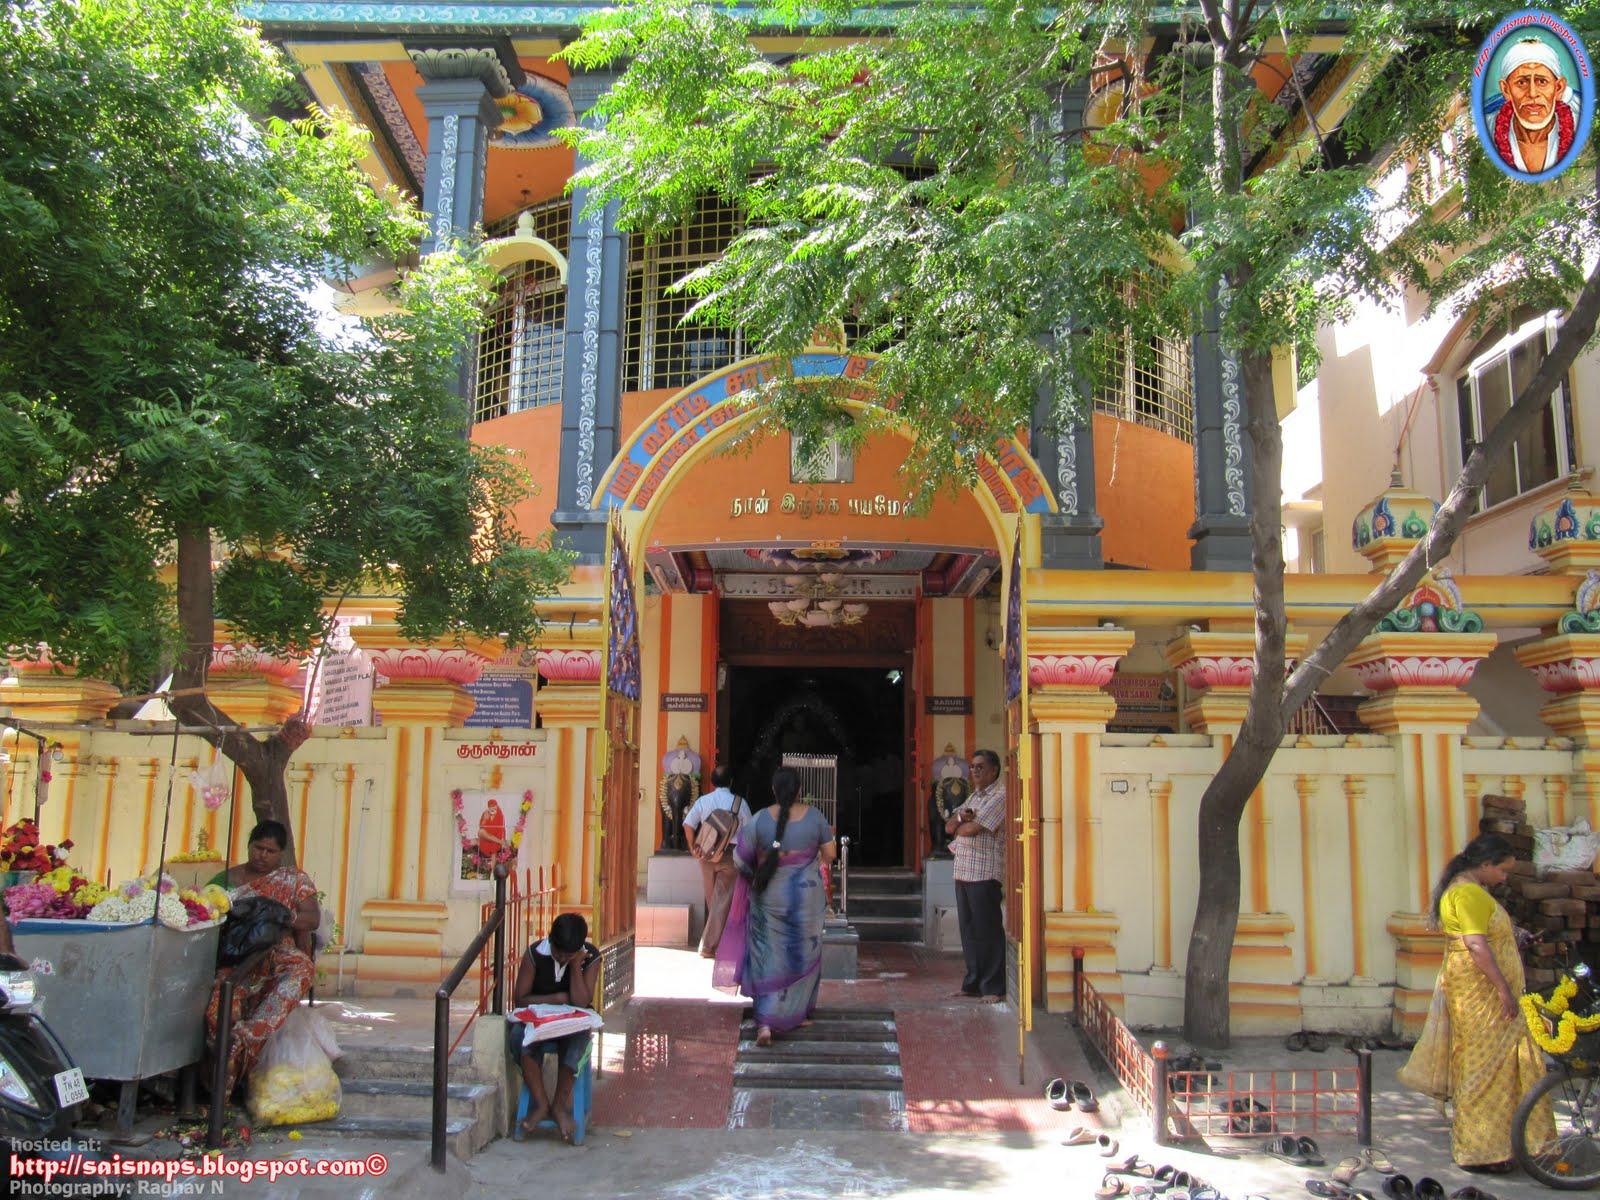 Sai Wallpaper Sri Sai Baba Mandir Jai Shankar Street